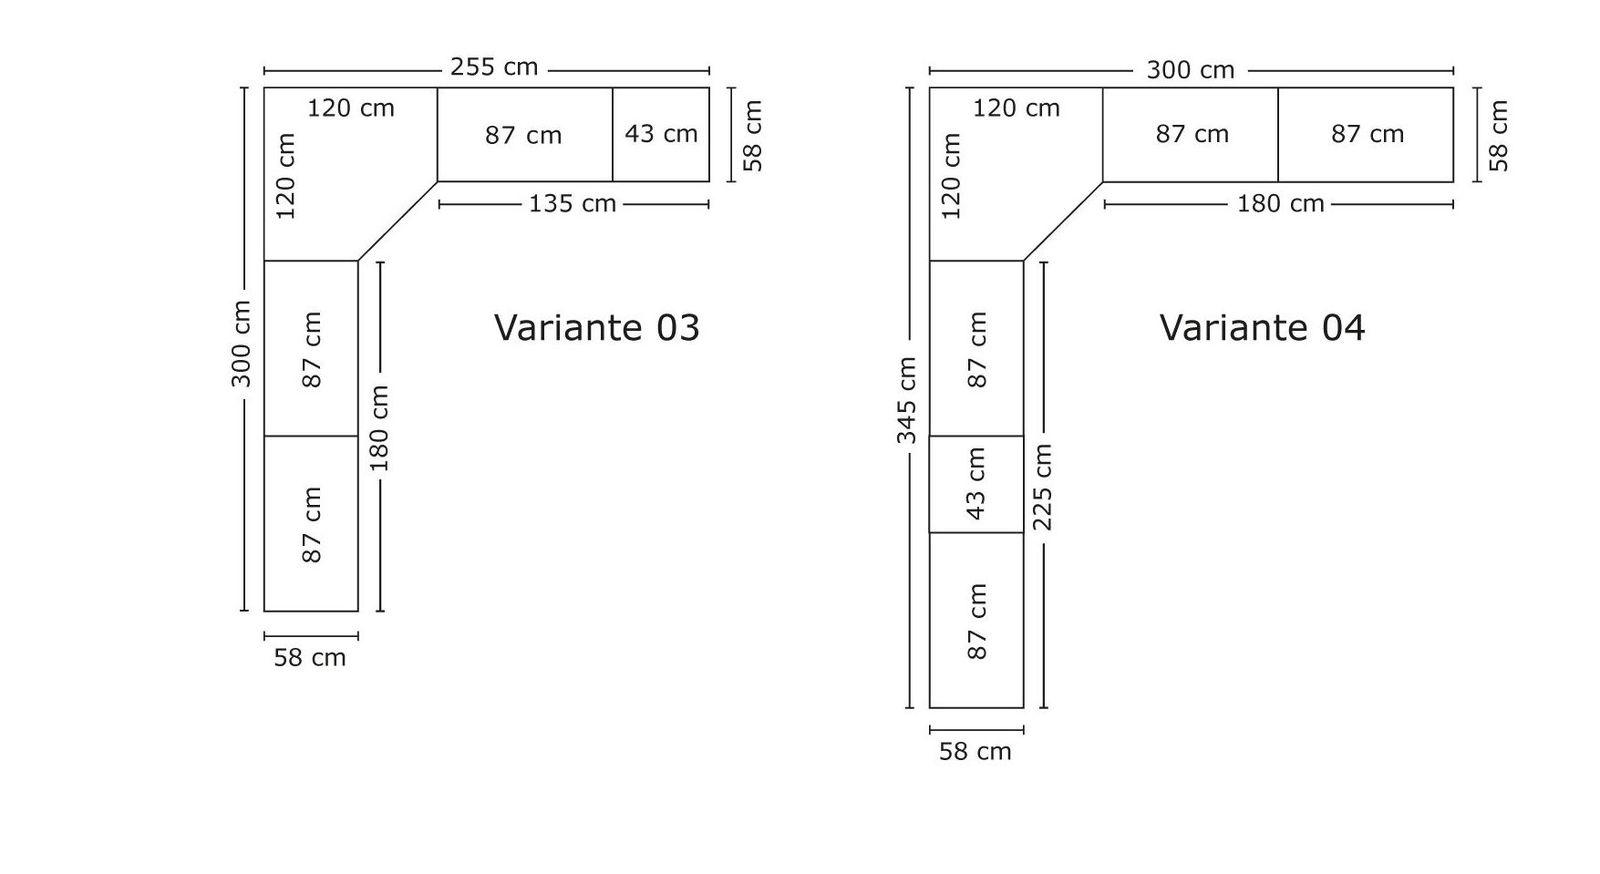 Bemaßungsgrafik zum Eck-Kleiderschrank Alvito in Variante 3 und 4